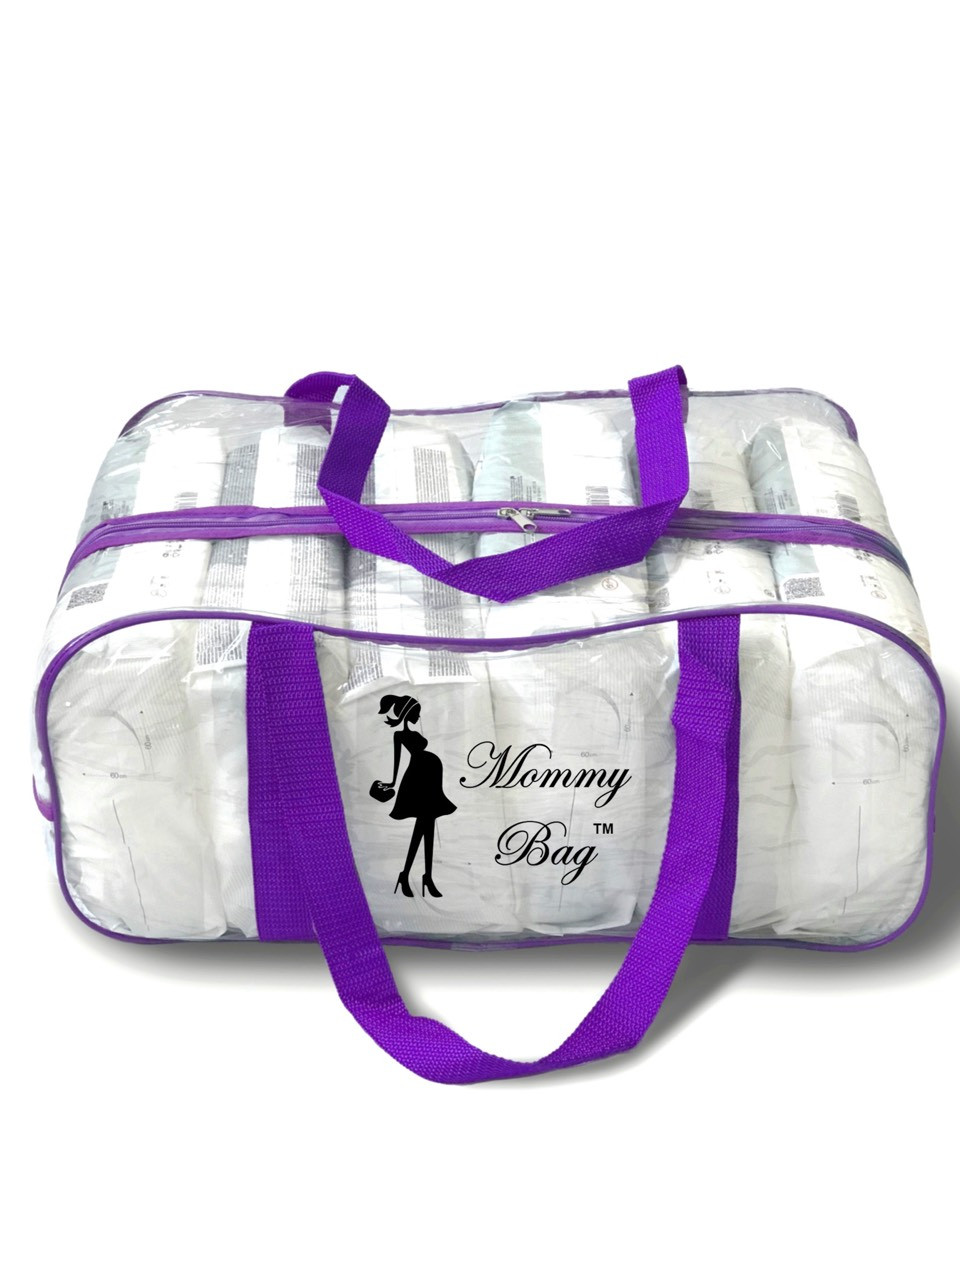 Сумка прозрачная в роддом Mommy Bag - L - 50*23*32 см Фиолетовая